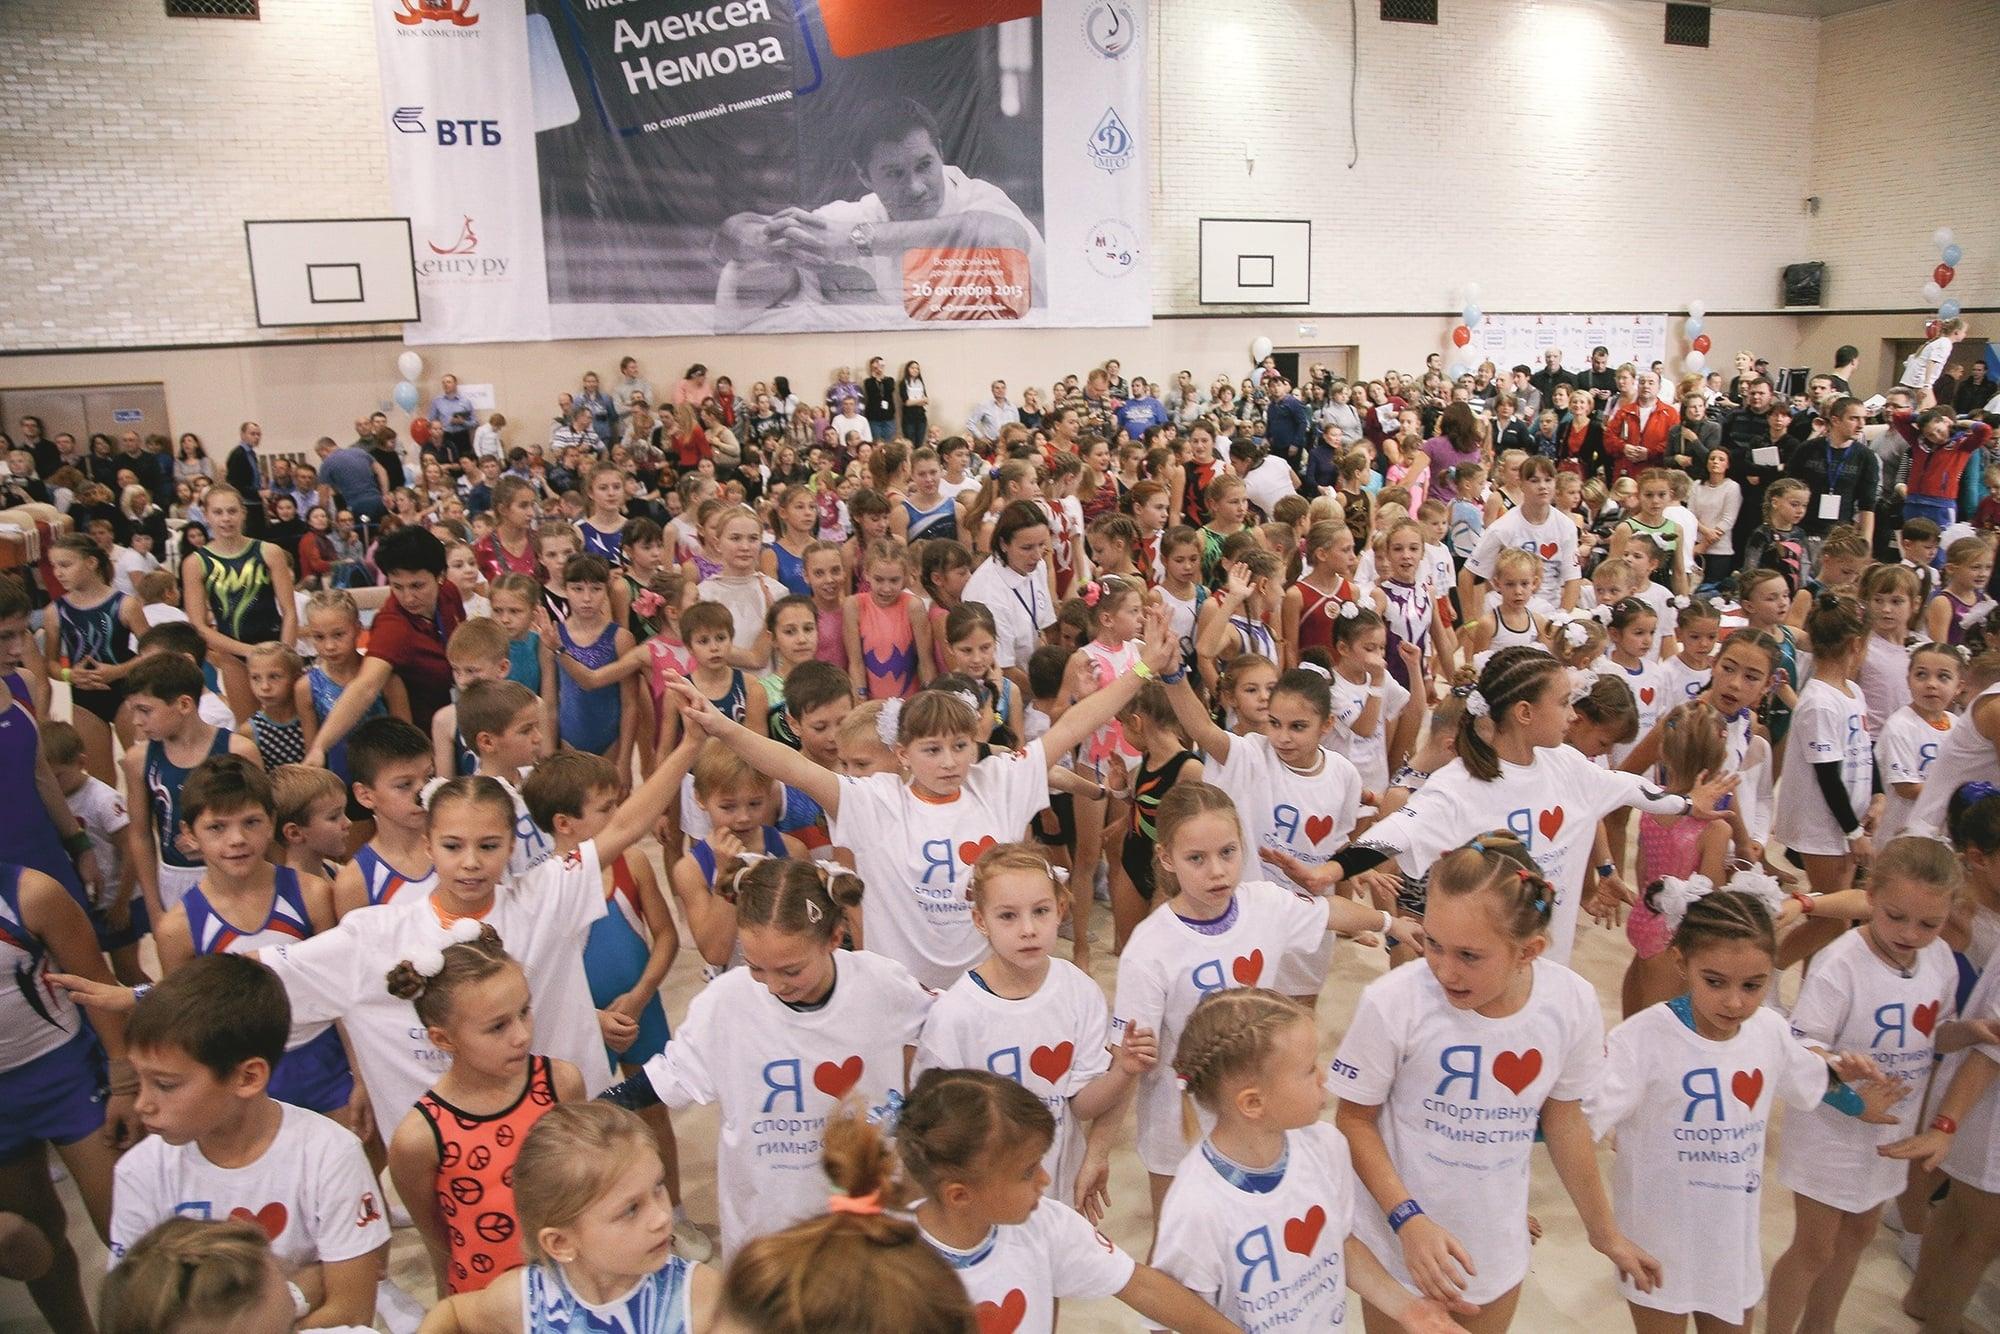 Мастер-класс Алексея Немова Большой спорт - журнал Алексея Немова